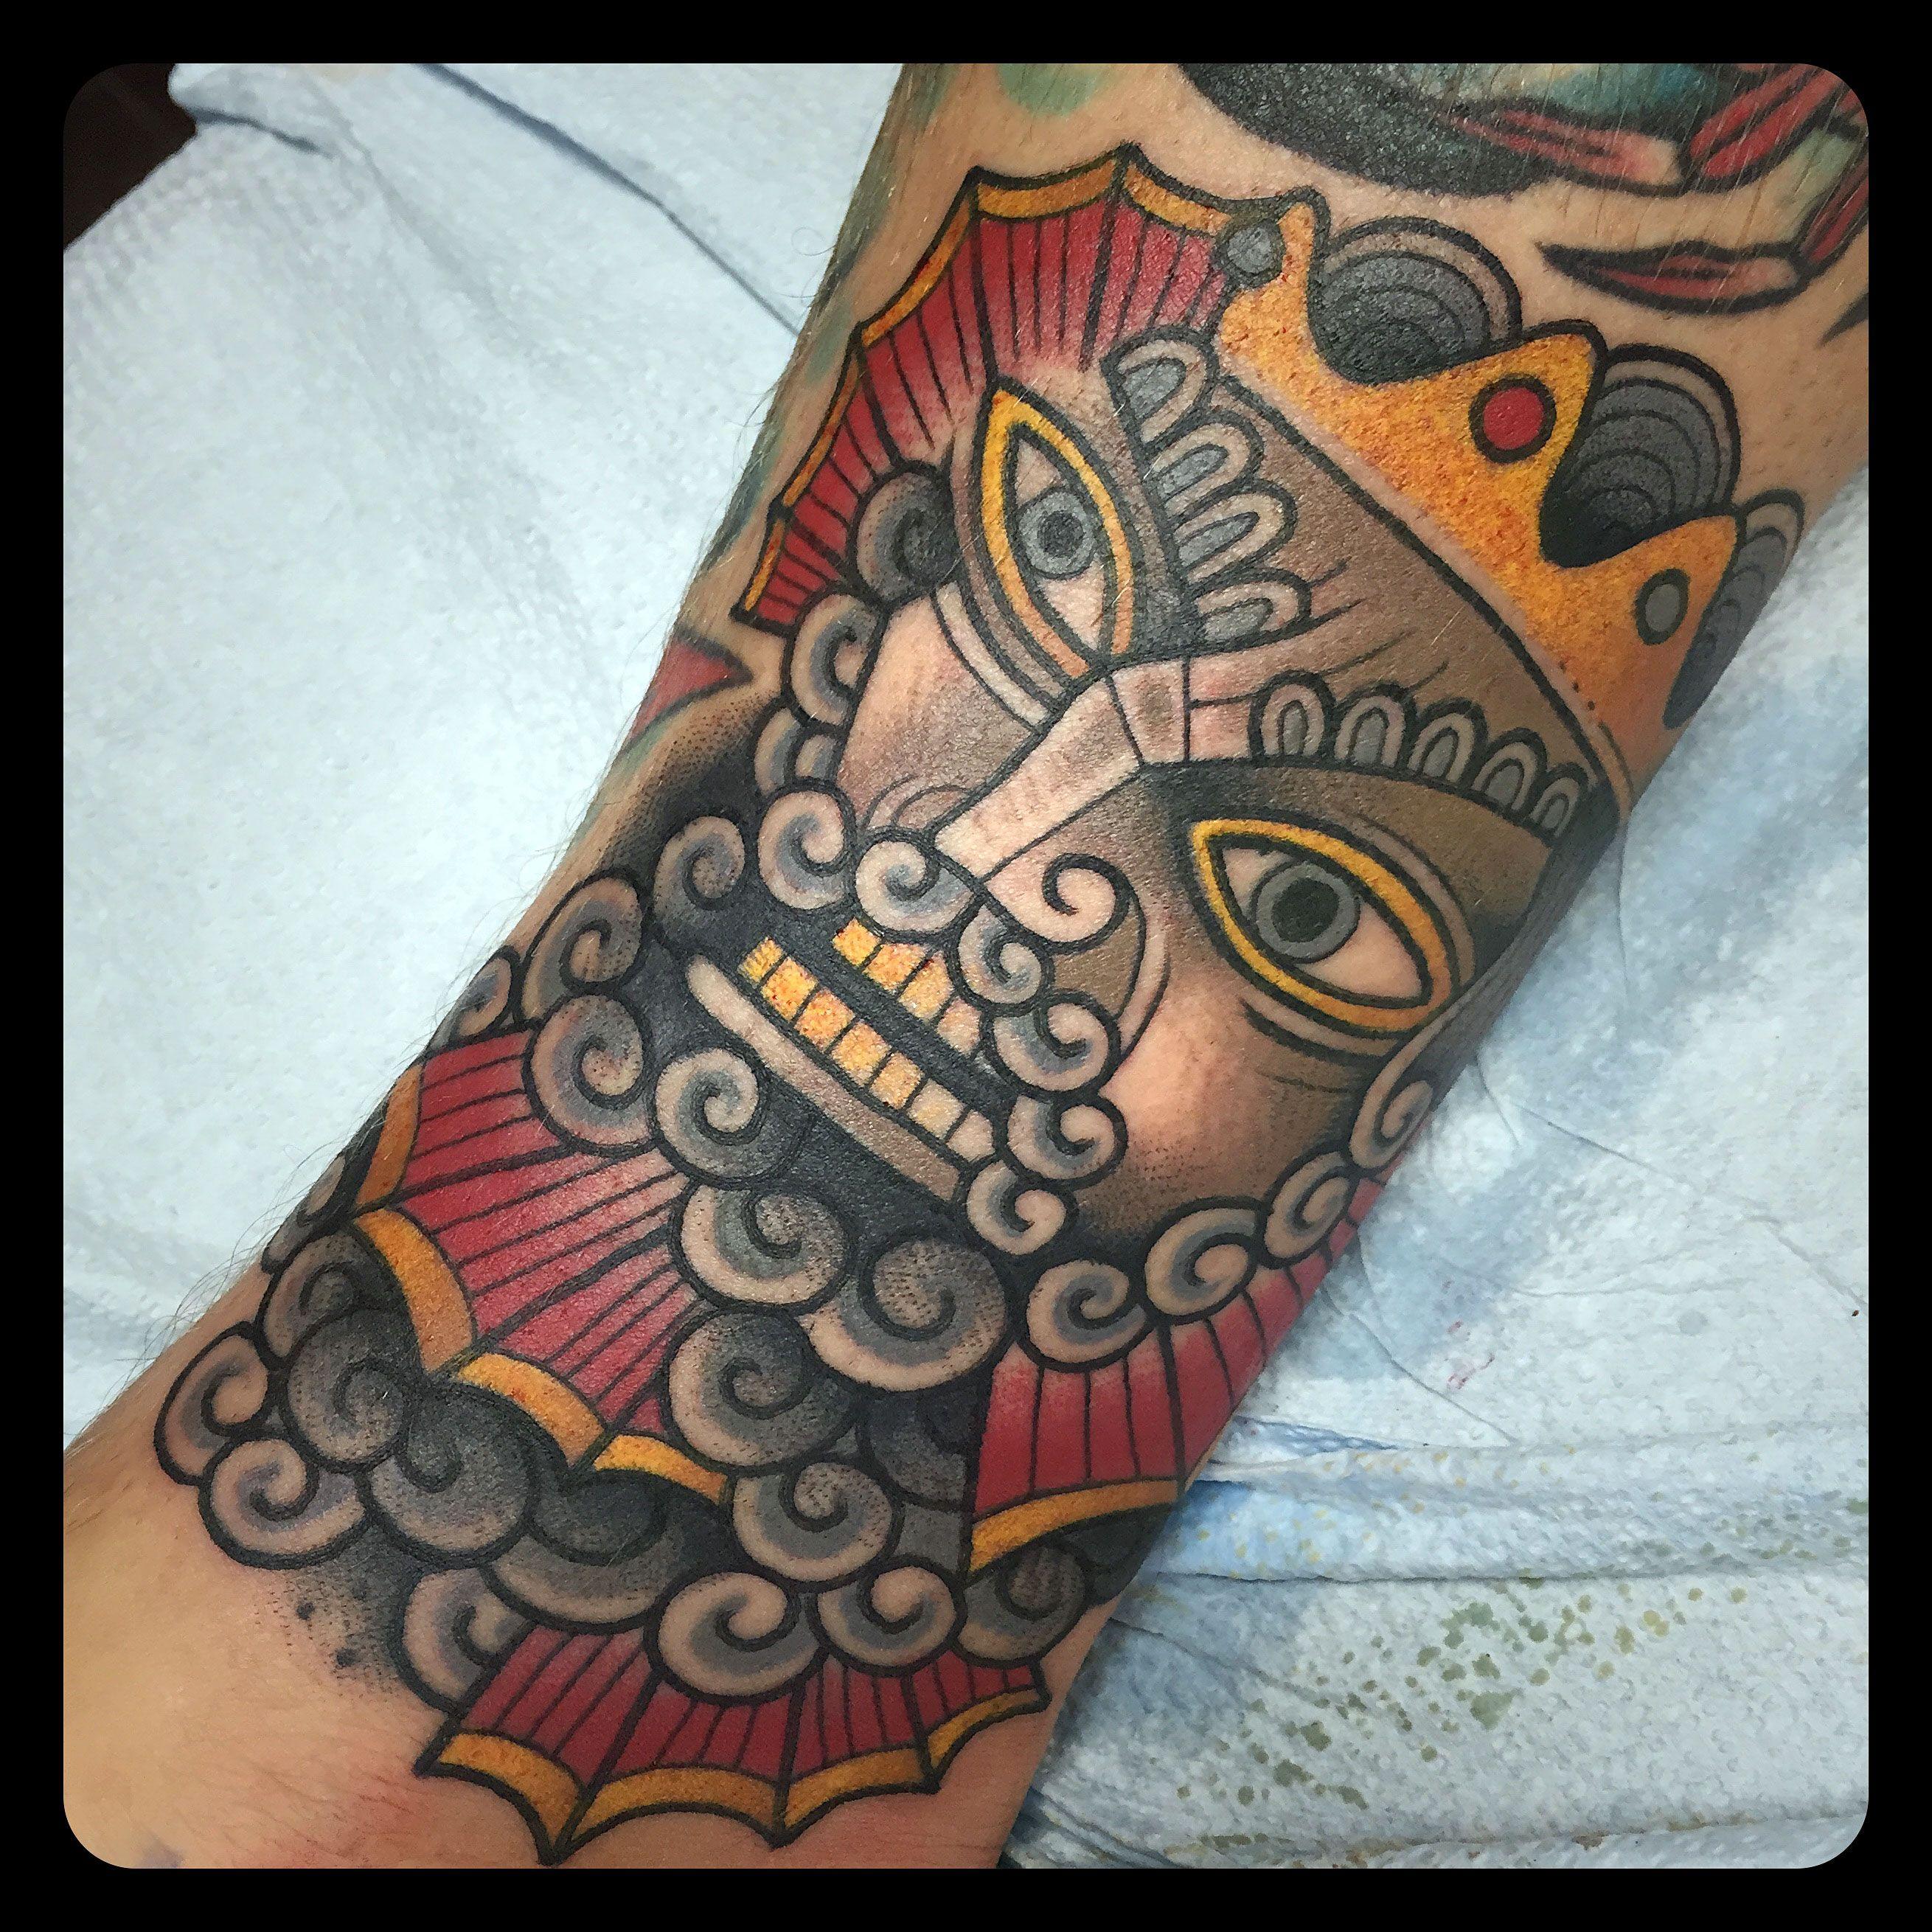 Saints and sinners tattoo studio tattoos tattoo artists